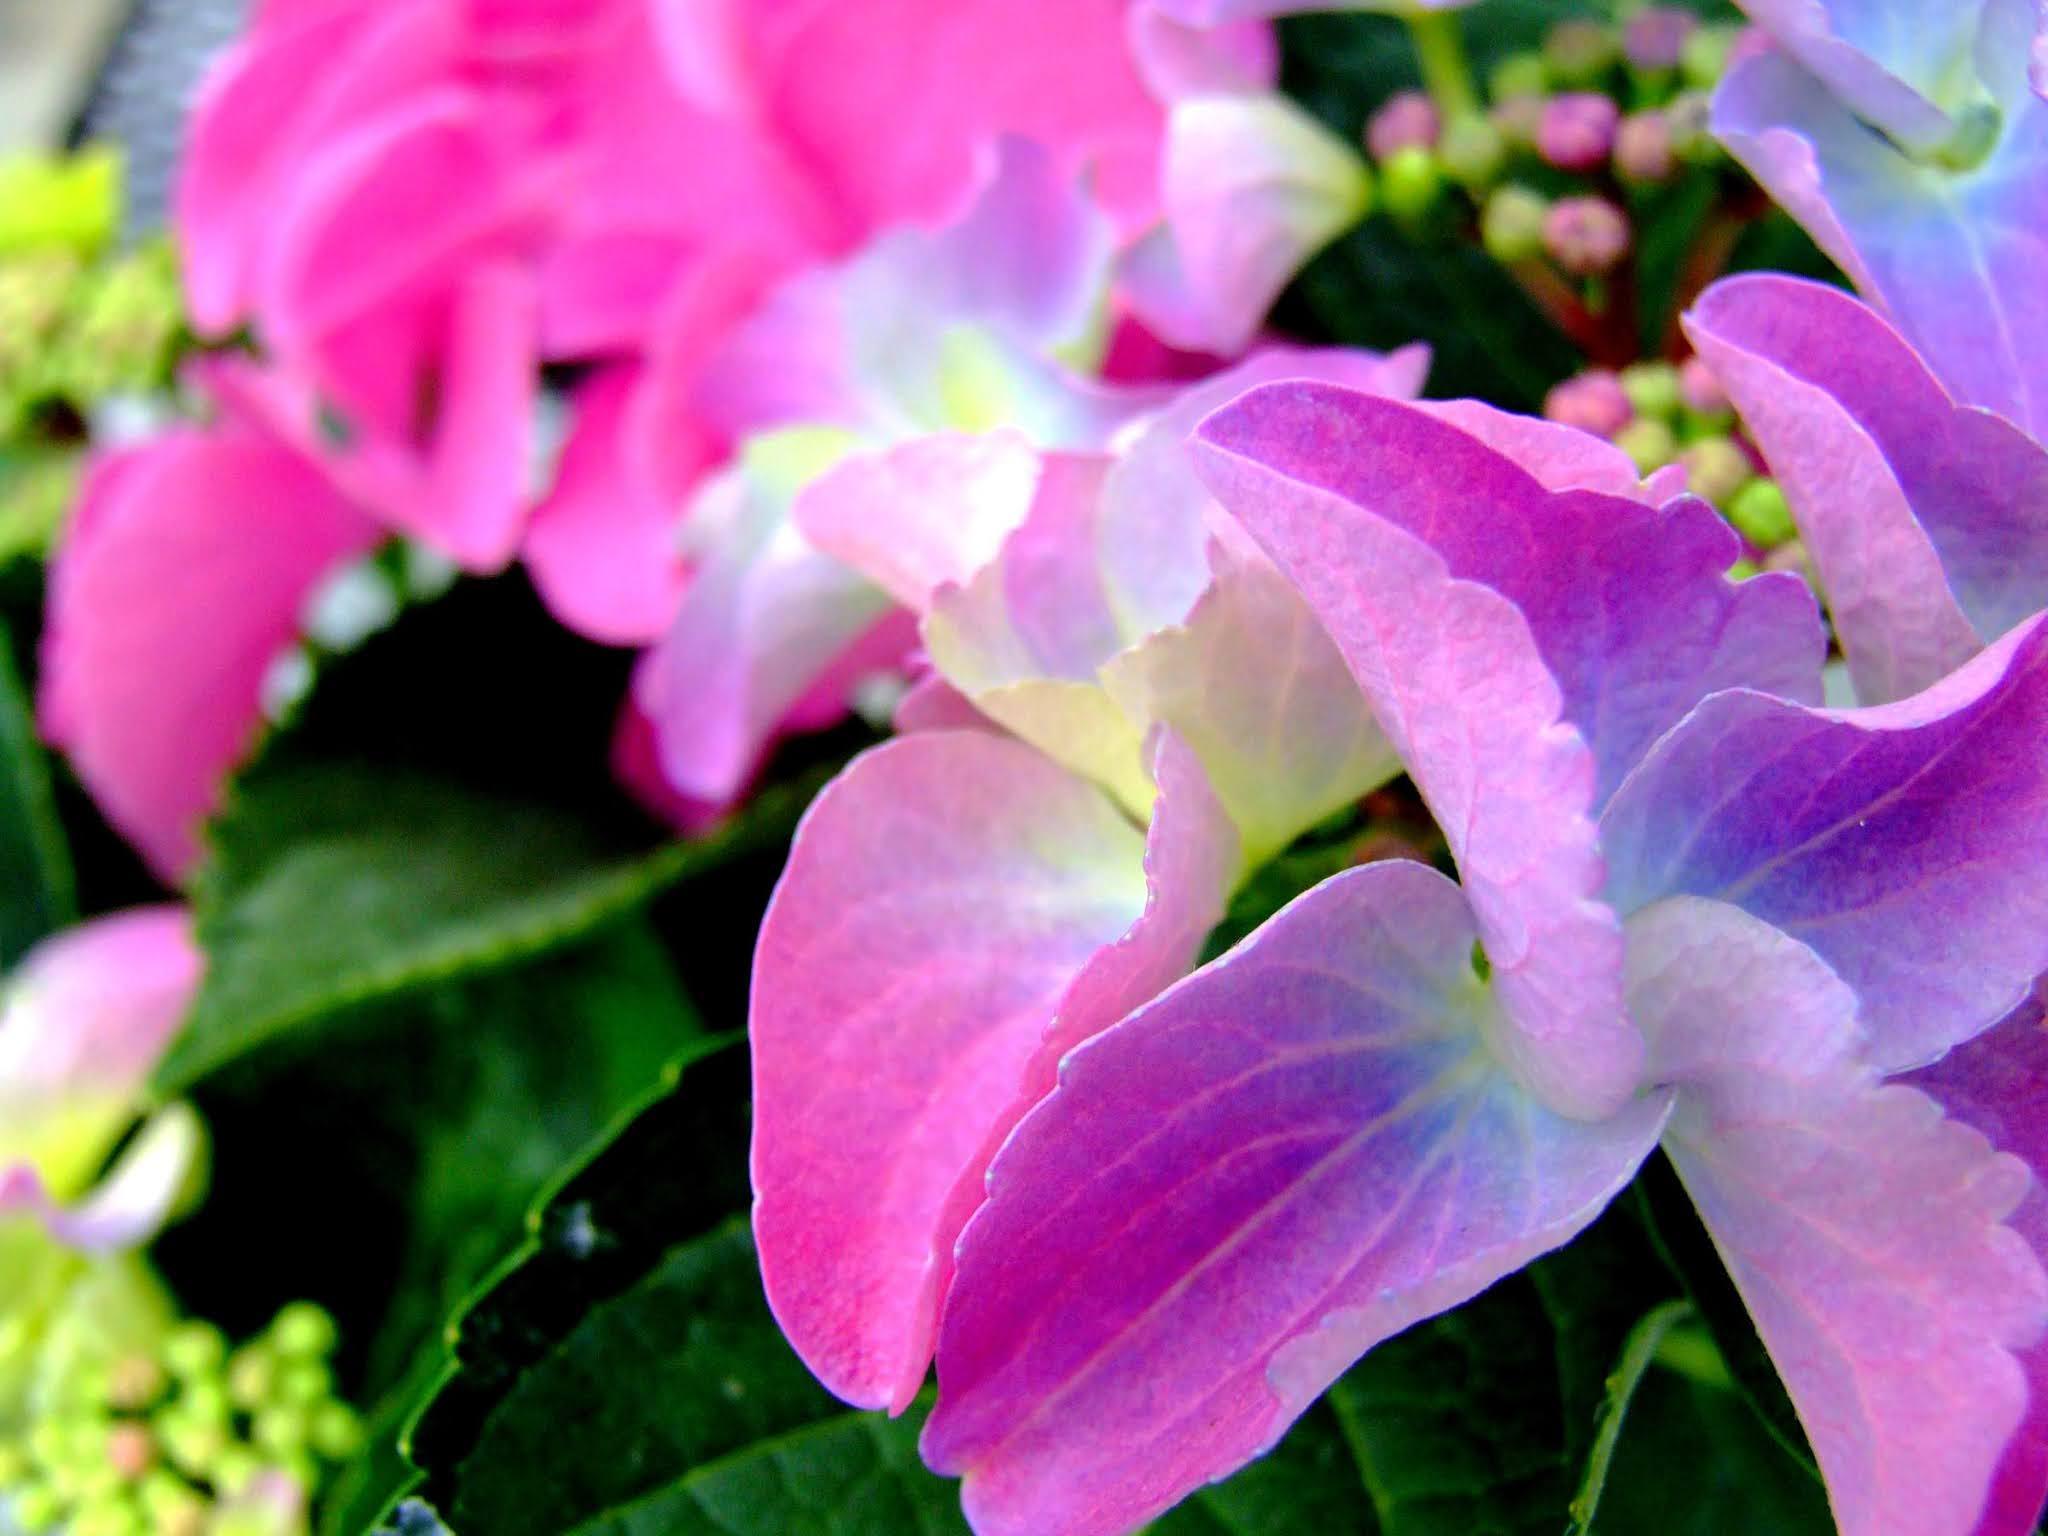 ピンクと紫のグラデーションがキレイなガクアジサイのドアップの写真素材です。ガクと葉っぱの色のバランスが絶妙です。